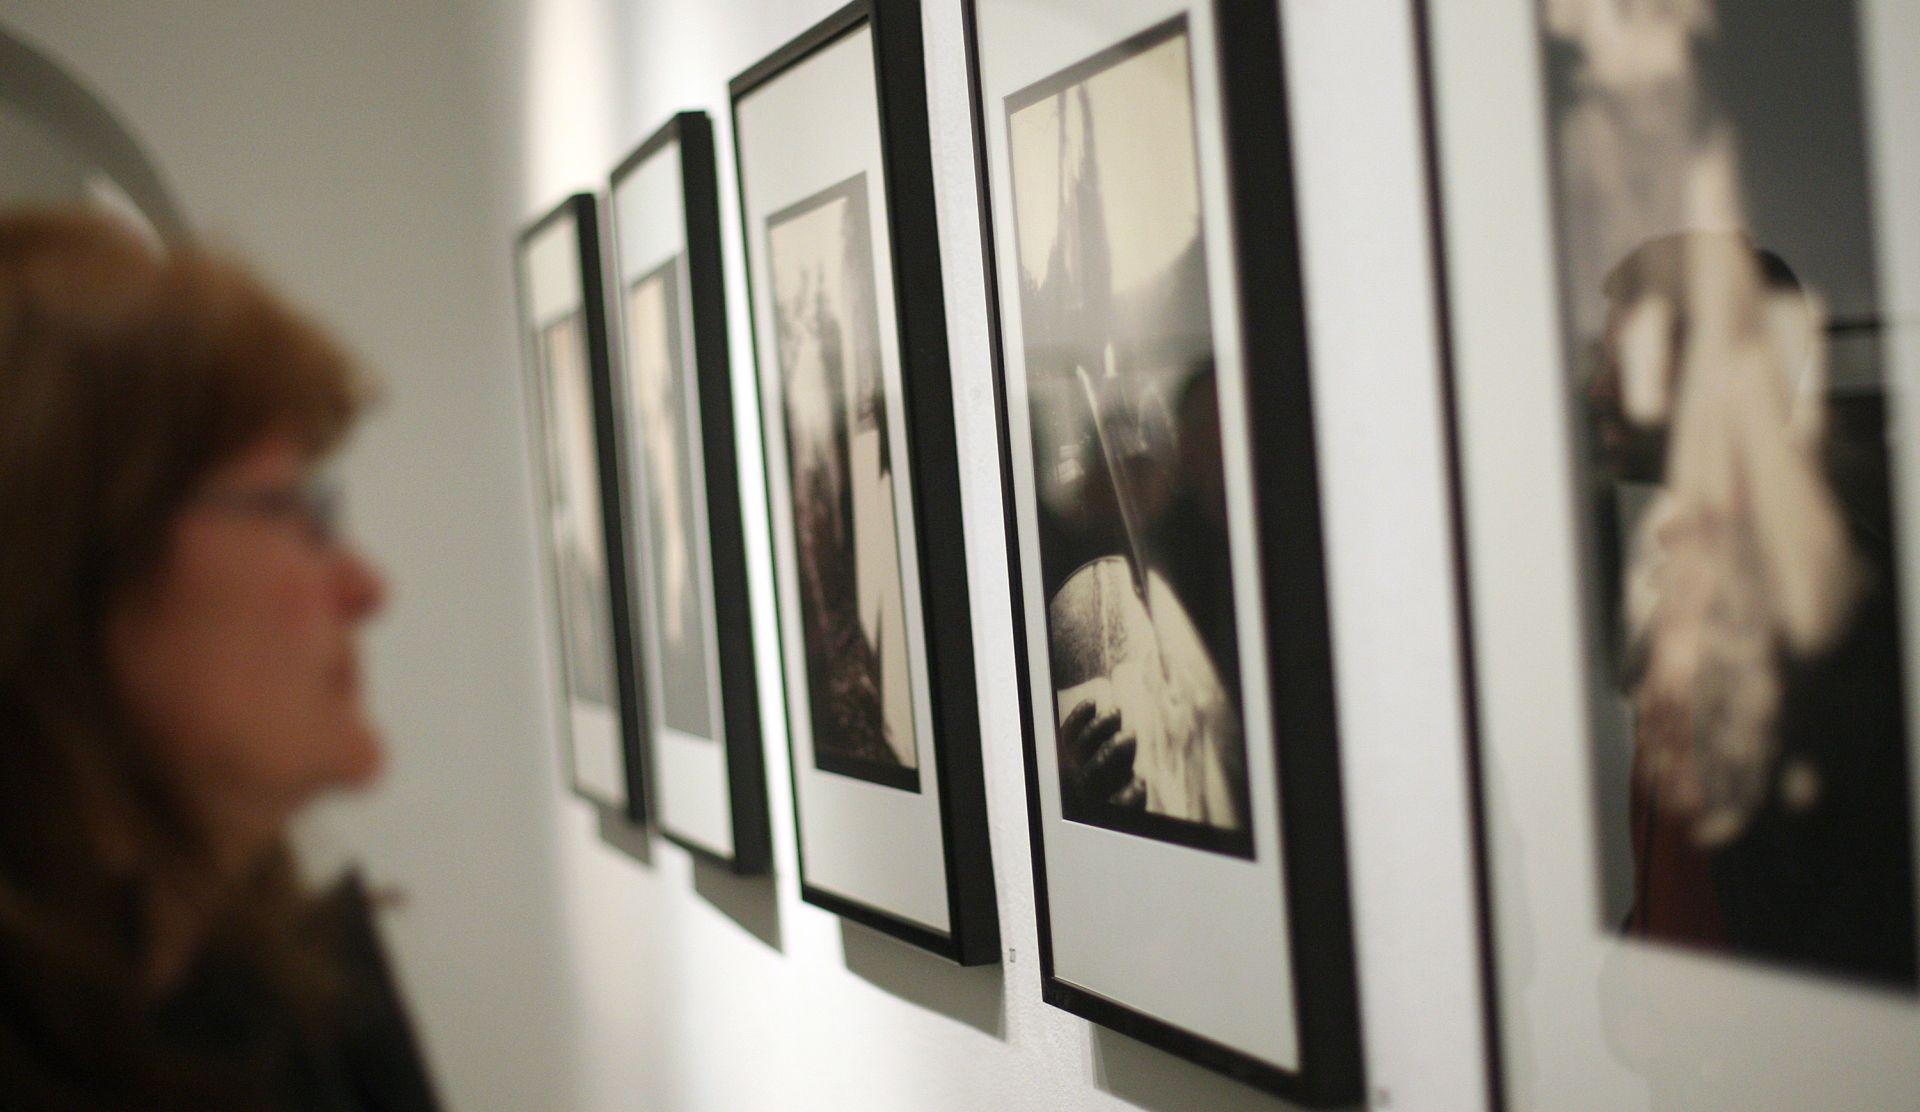 Uz Dan voda izložba fotografija u Studiju Moderne galerije